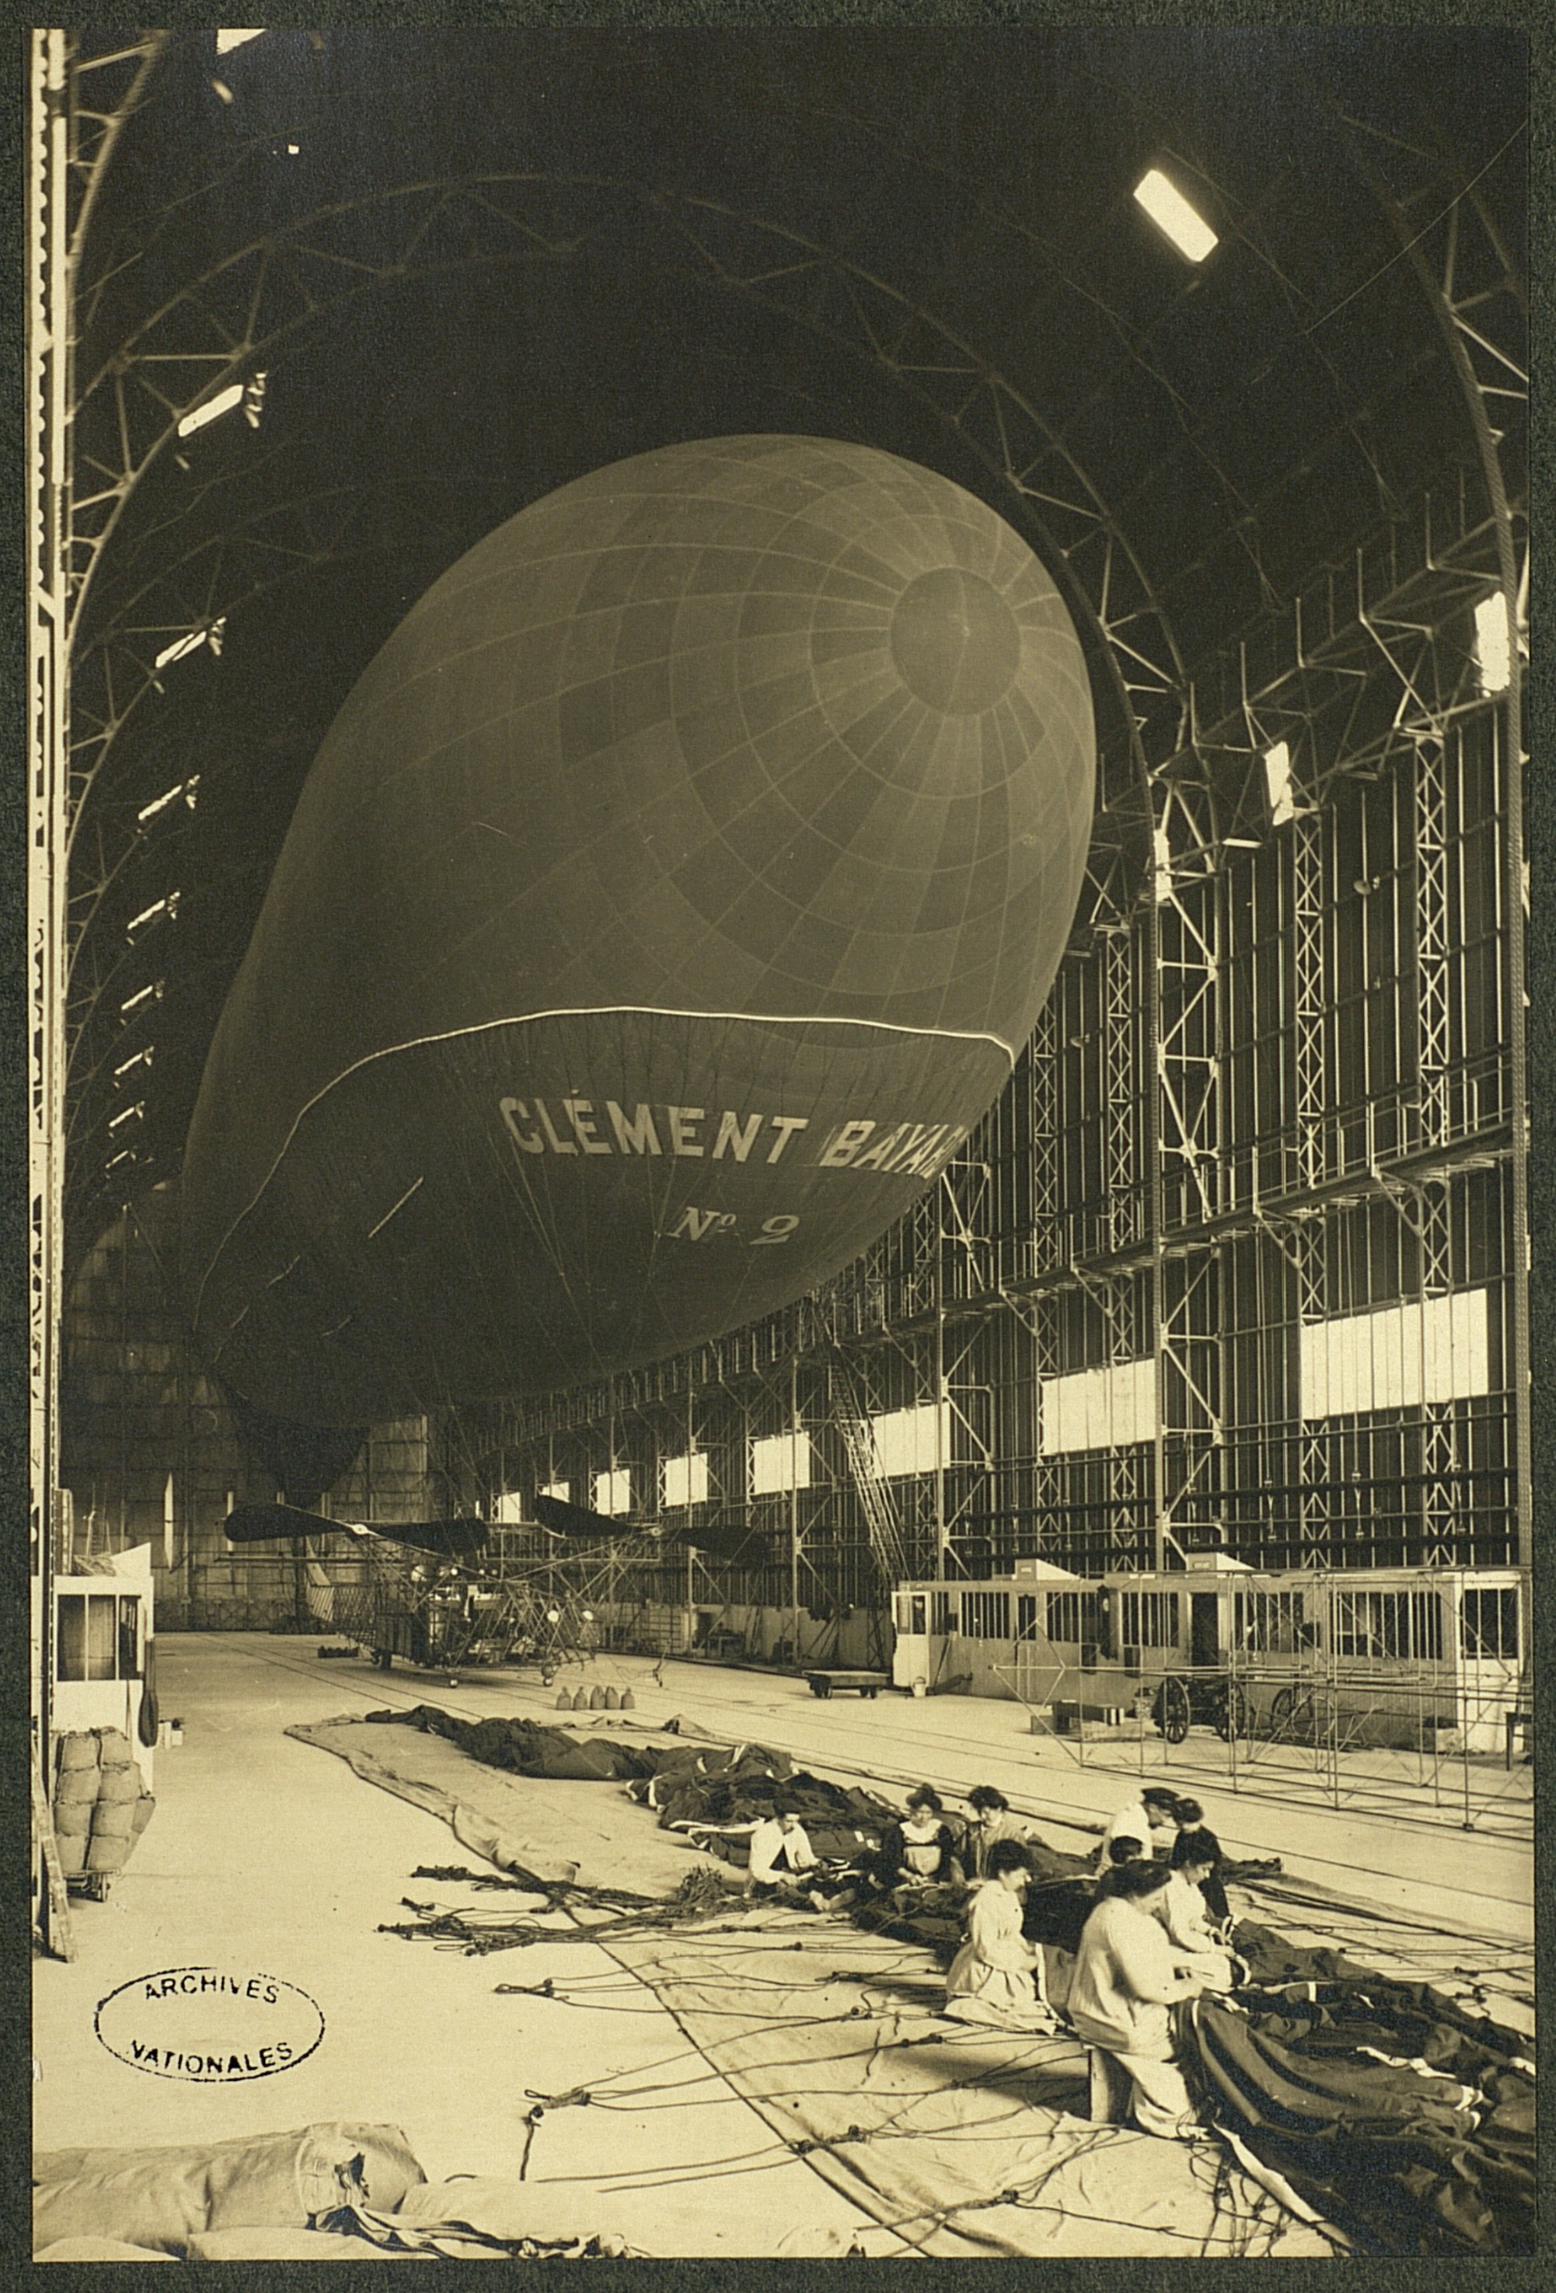 Vue d'un dirigeable Clément-Bayard en entrepôt et de couseurs et couseuses travaillant sur une toile.